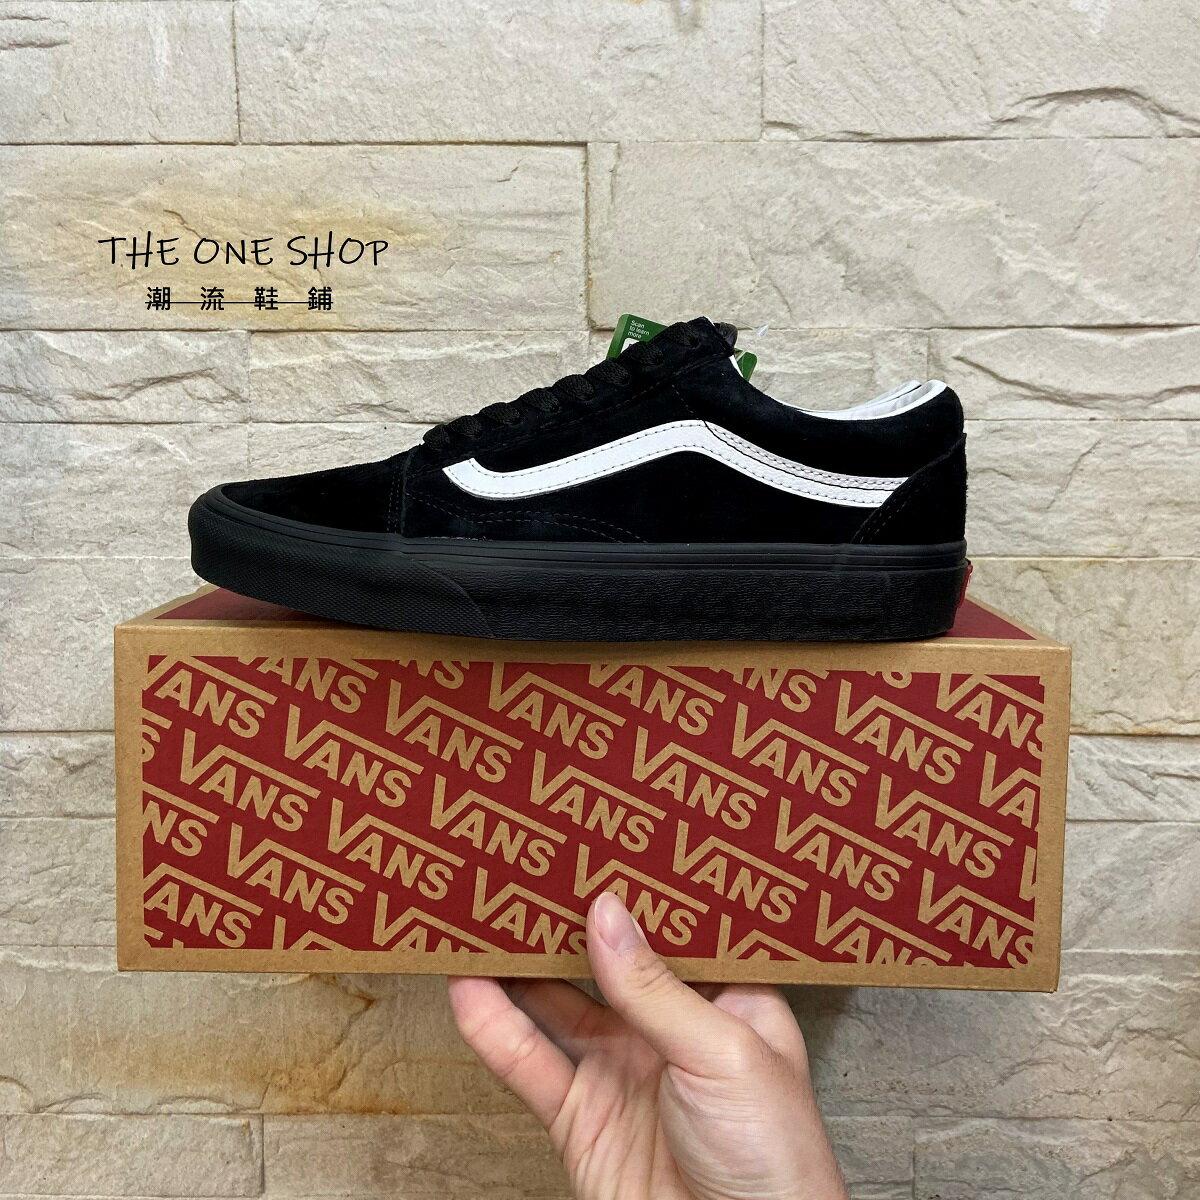 VANS Old Skool 防潑水 黑色 黑白 全黑 麂皮 板鞋 經典款 3D結構 防水科技 VN0A4U3B18L